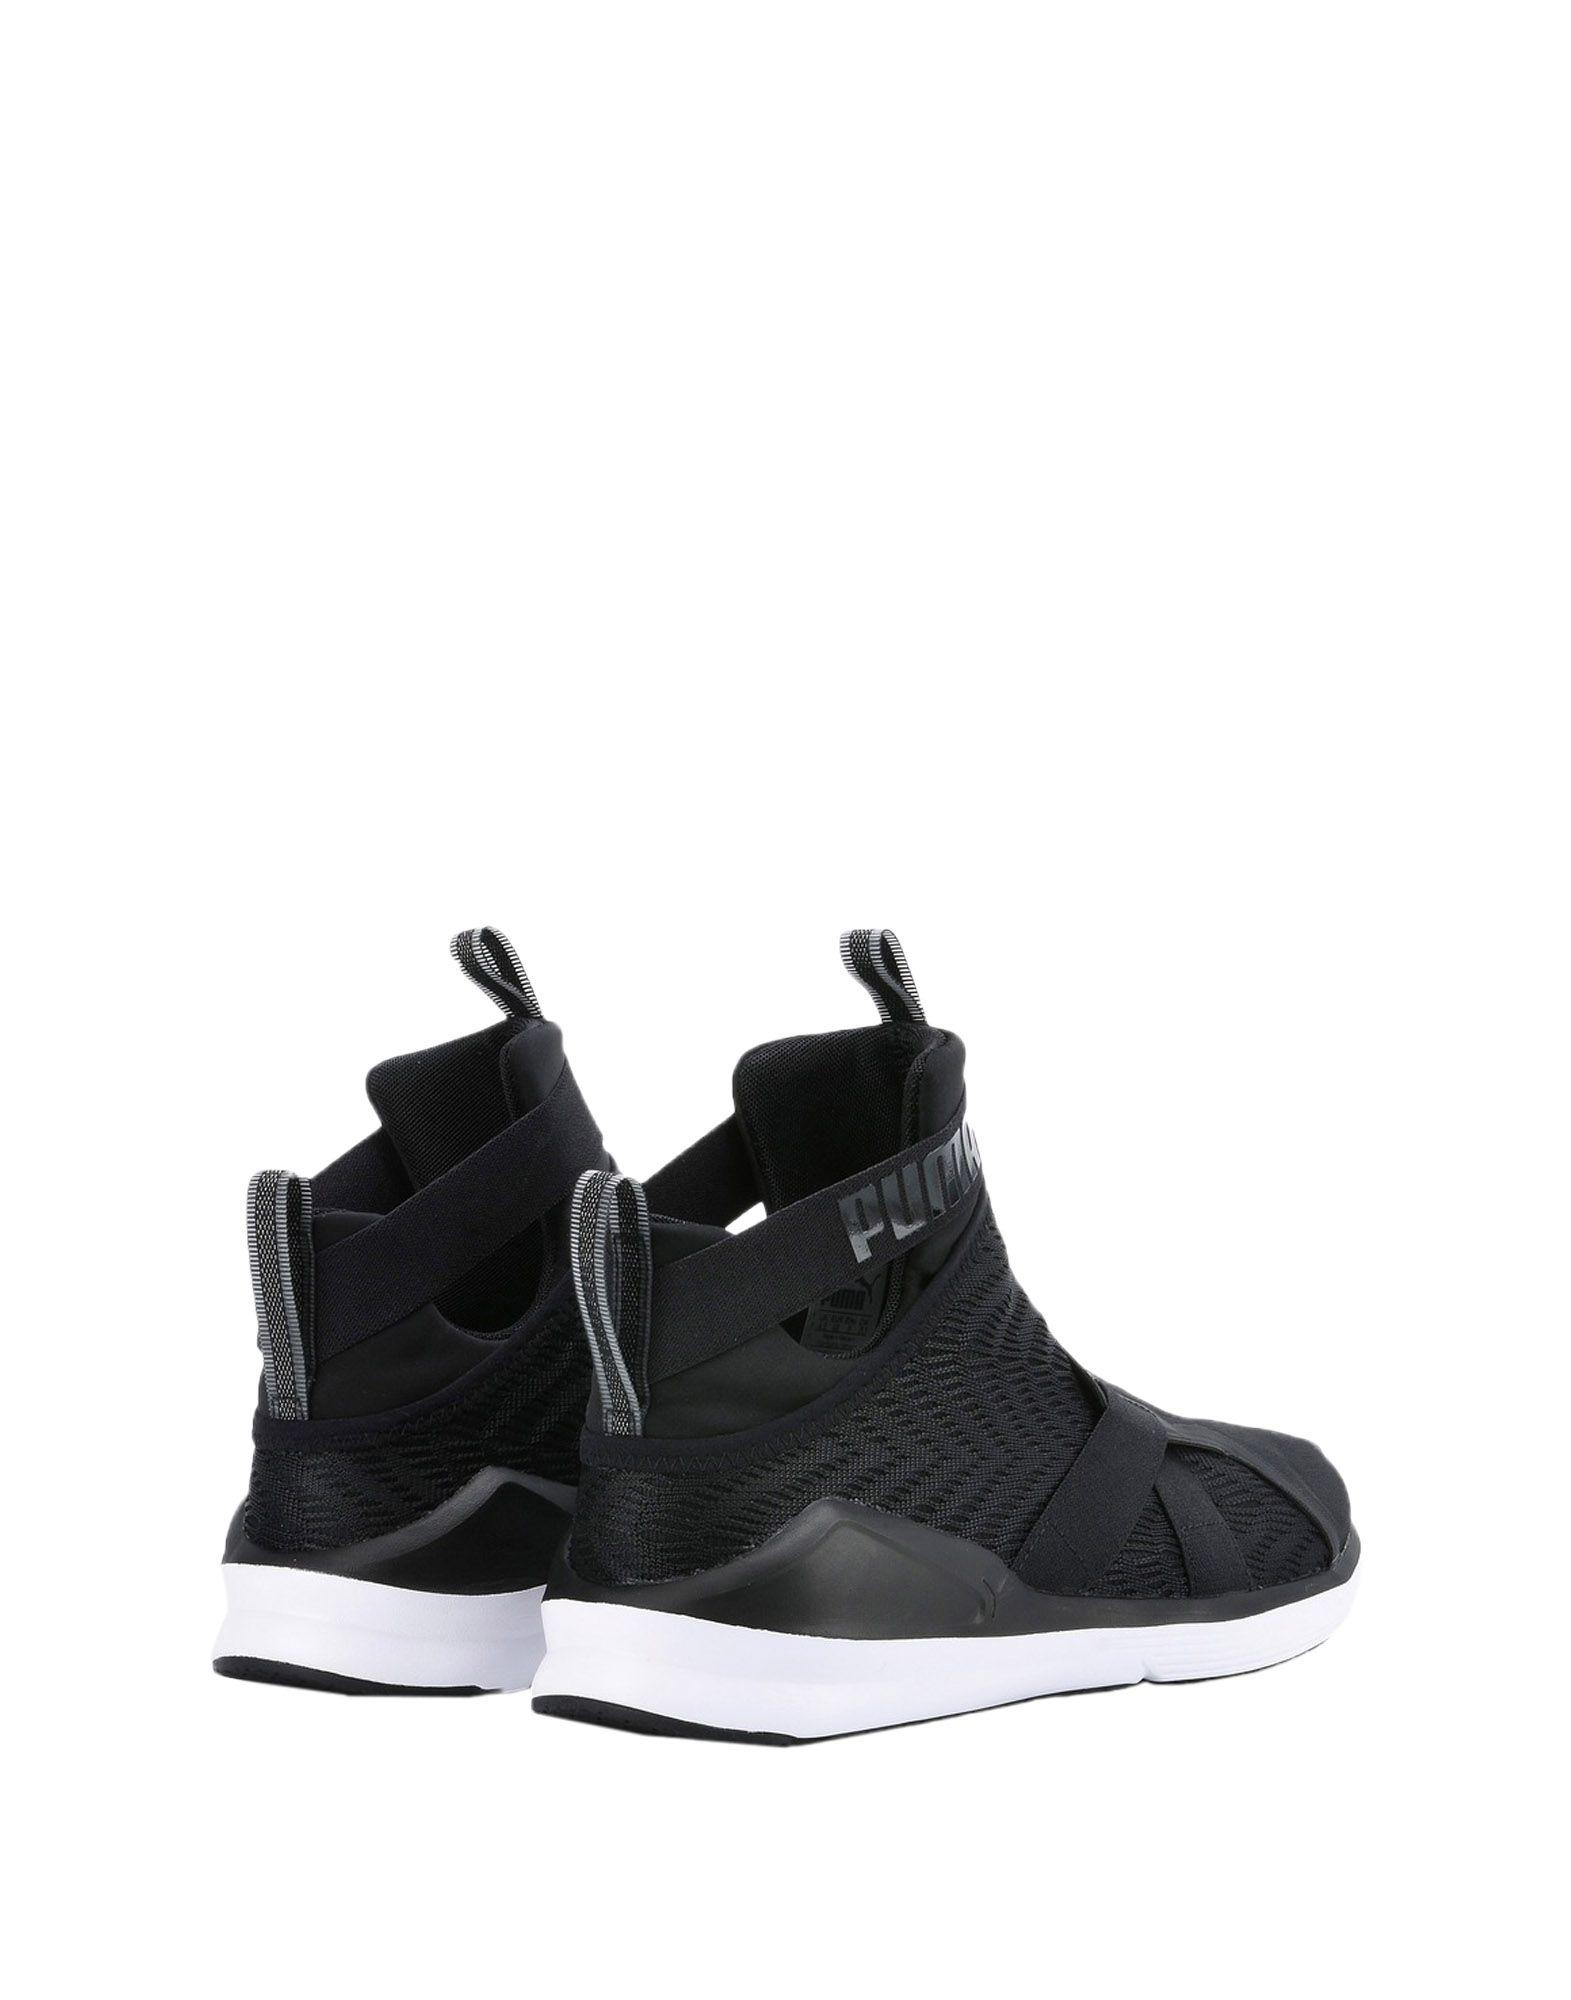 Sneakers Puma Fierce Strap Swirl Wns - Femme - Sneakers Puma sur